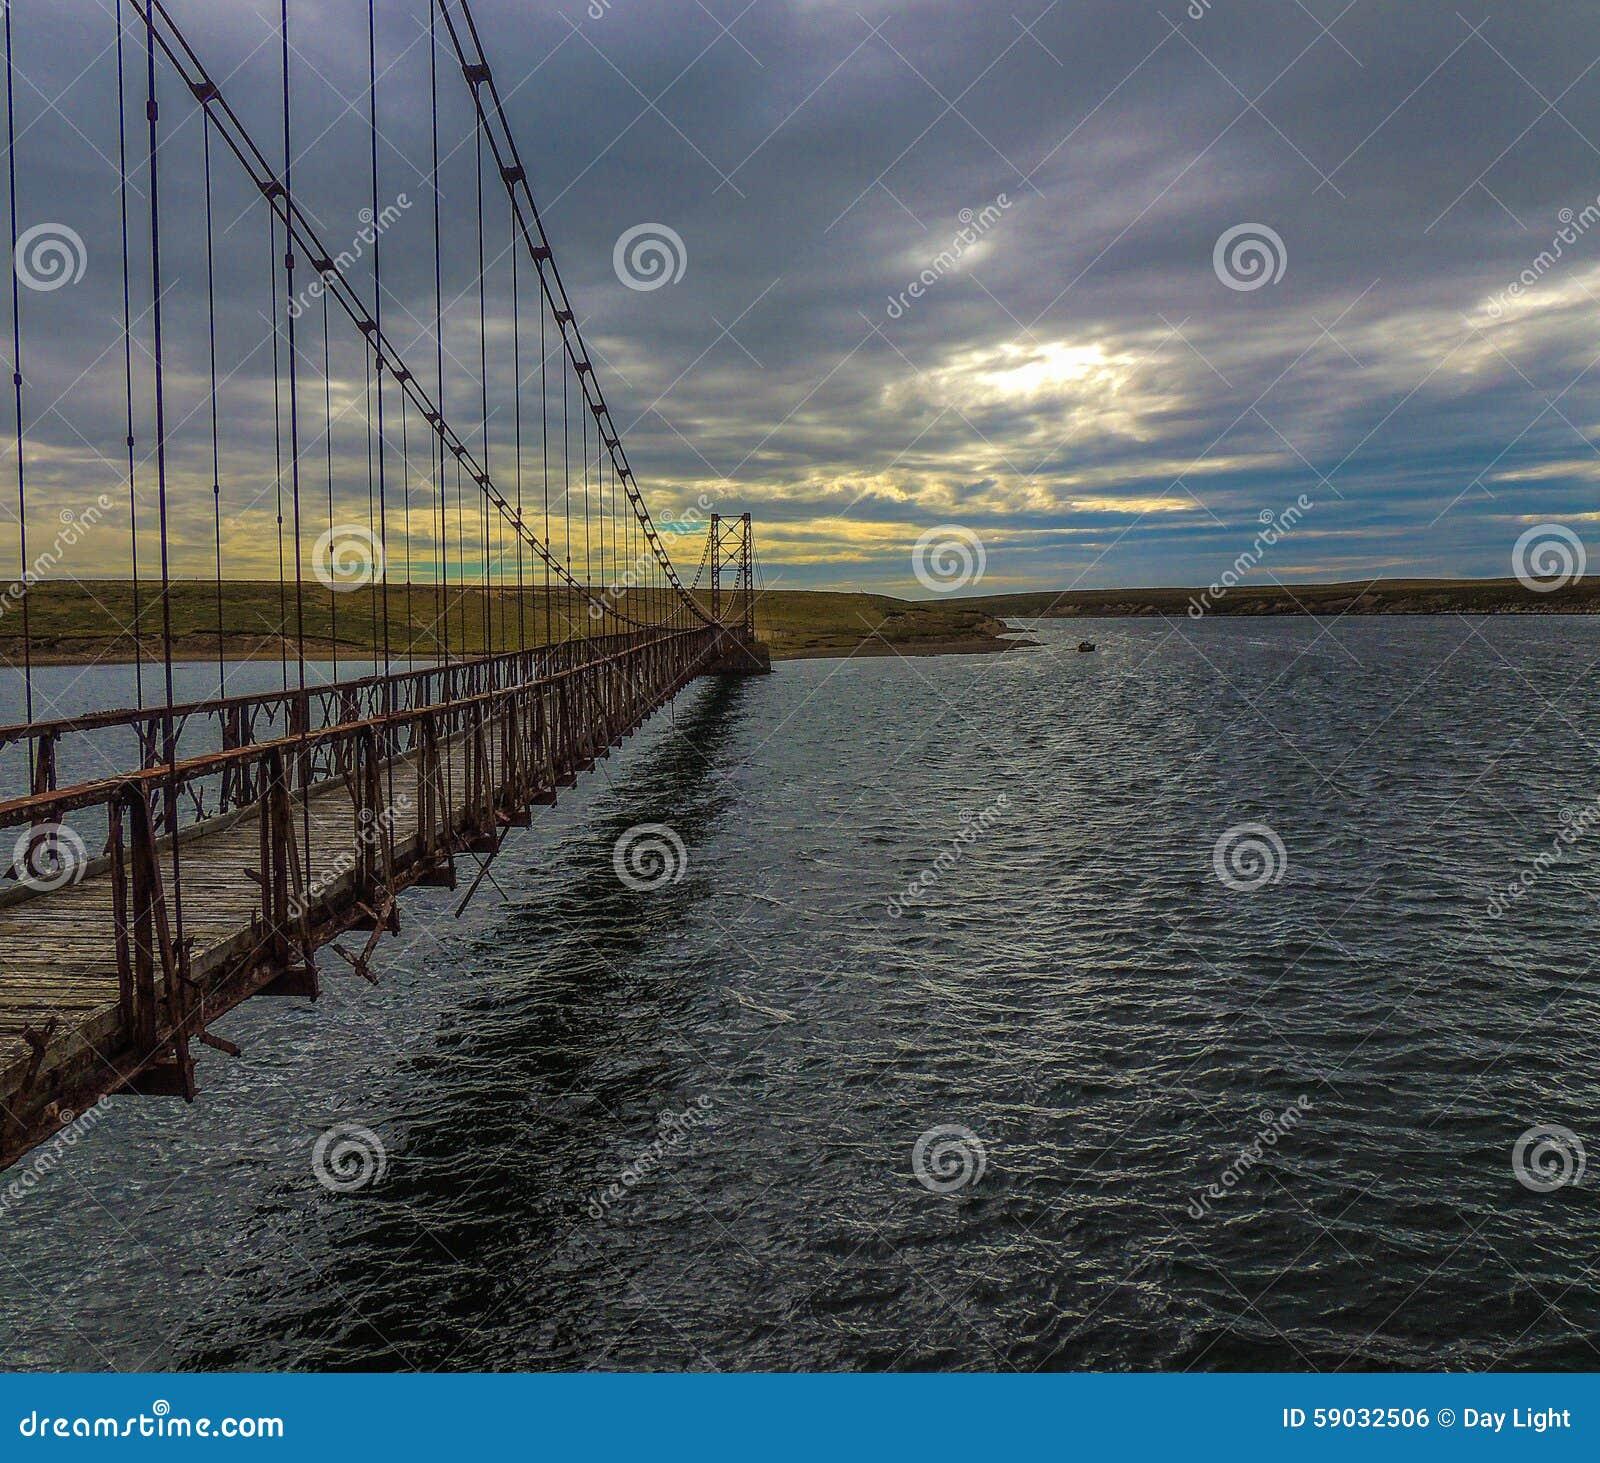 Bodie Creek Suspension Bridge